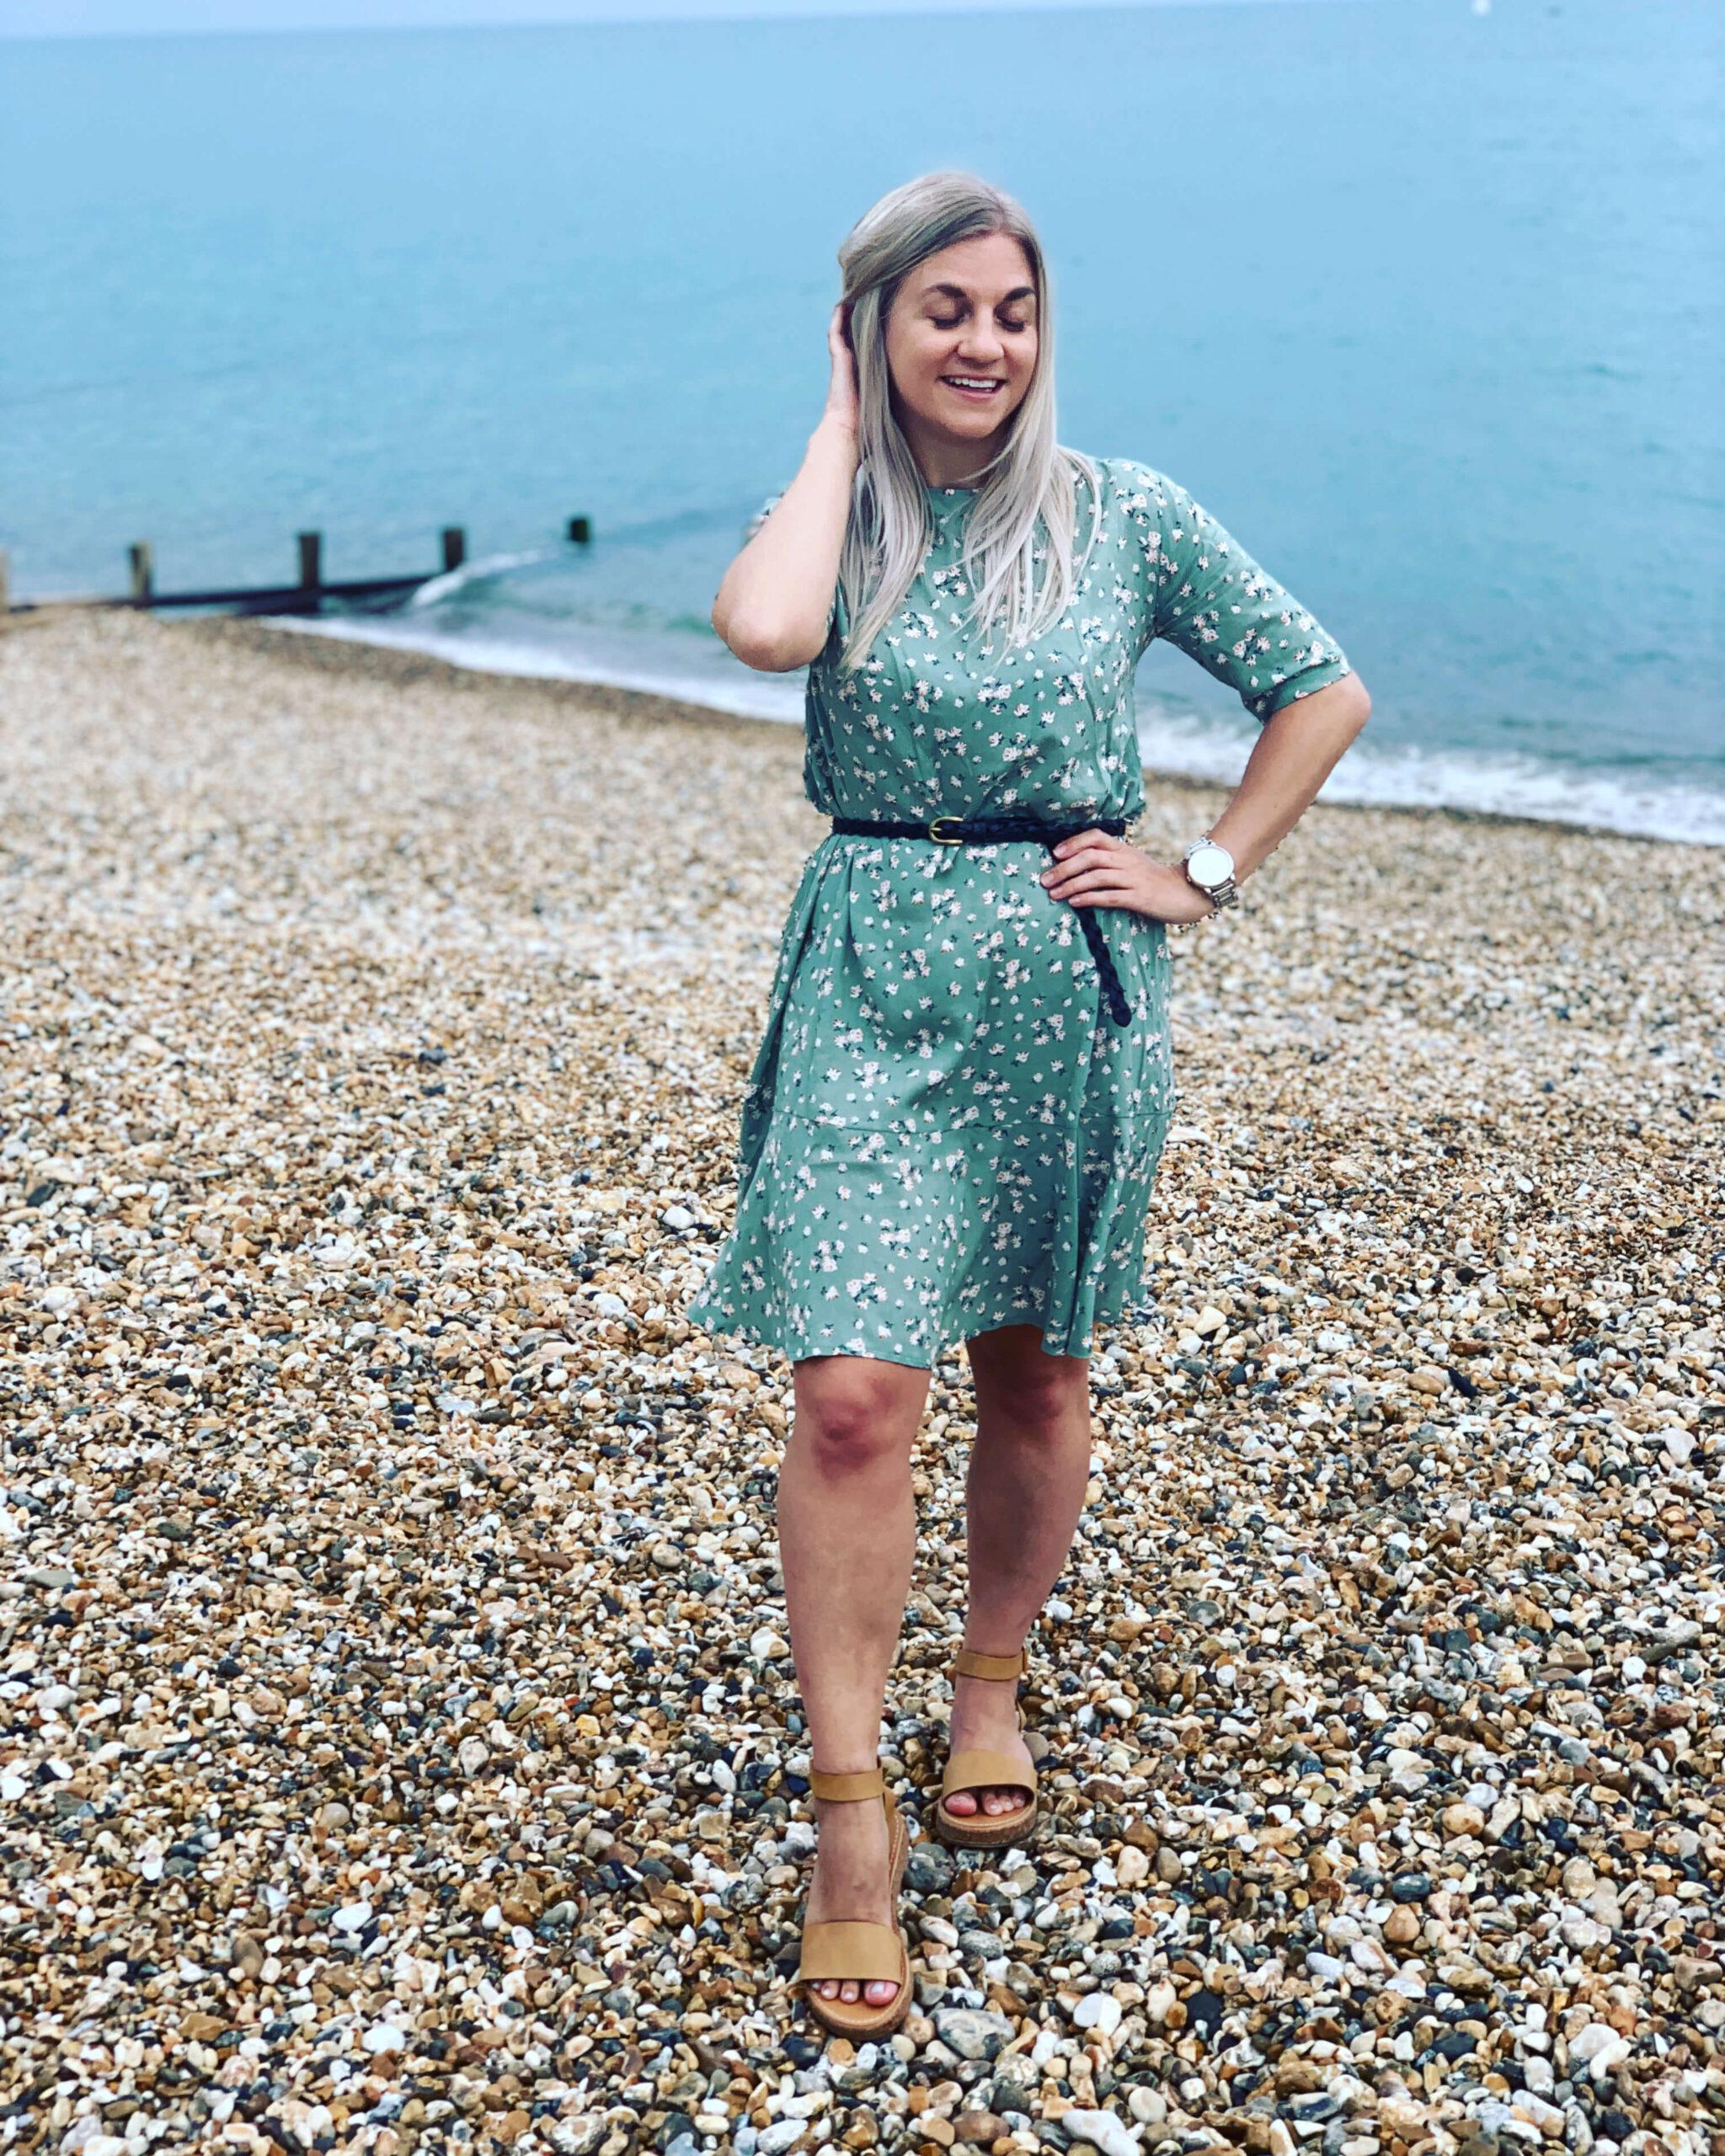 Woman on the beach wearing Dressfield dress